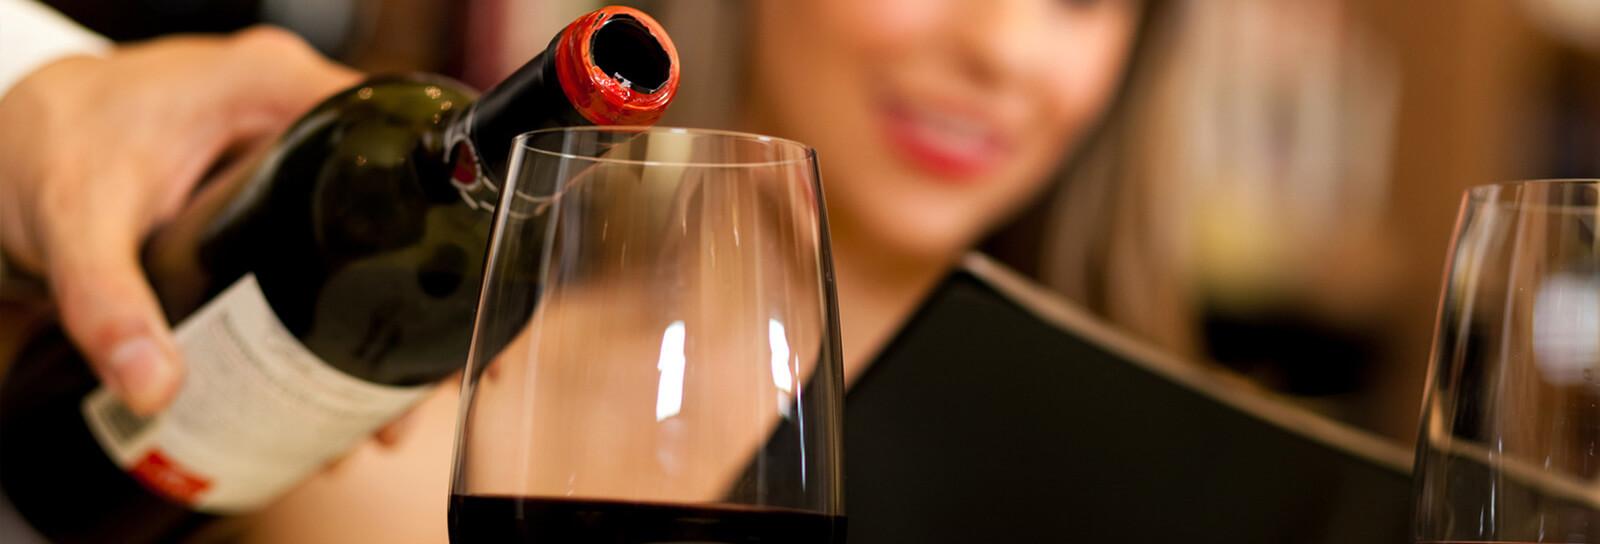 Wijnen abonnement Taste & Tintle